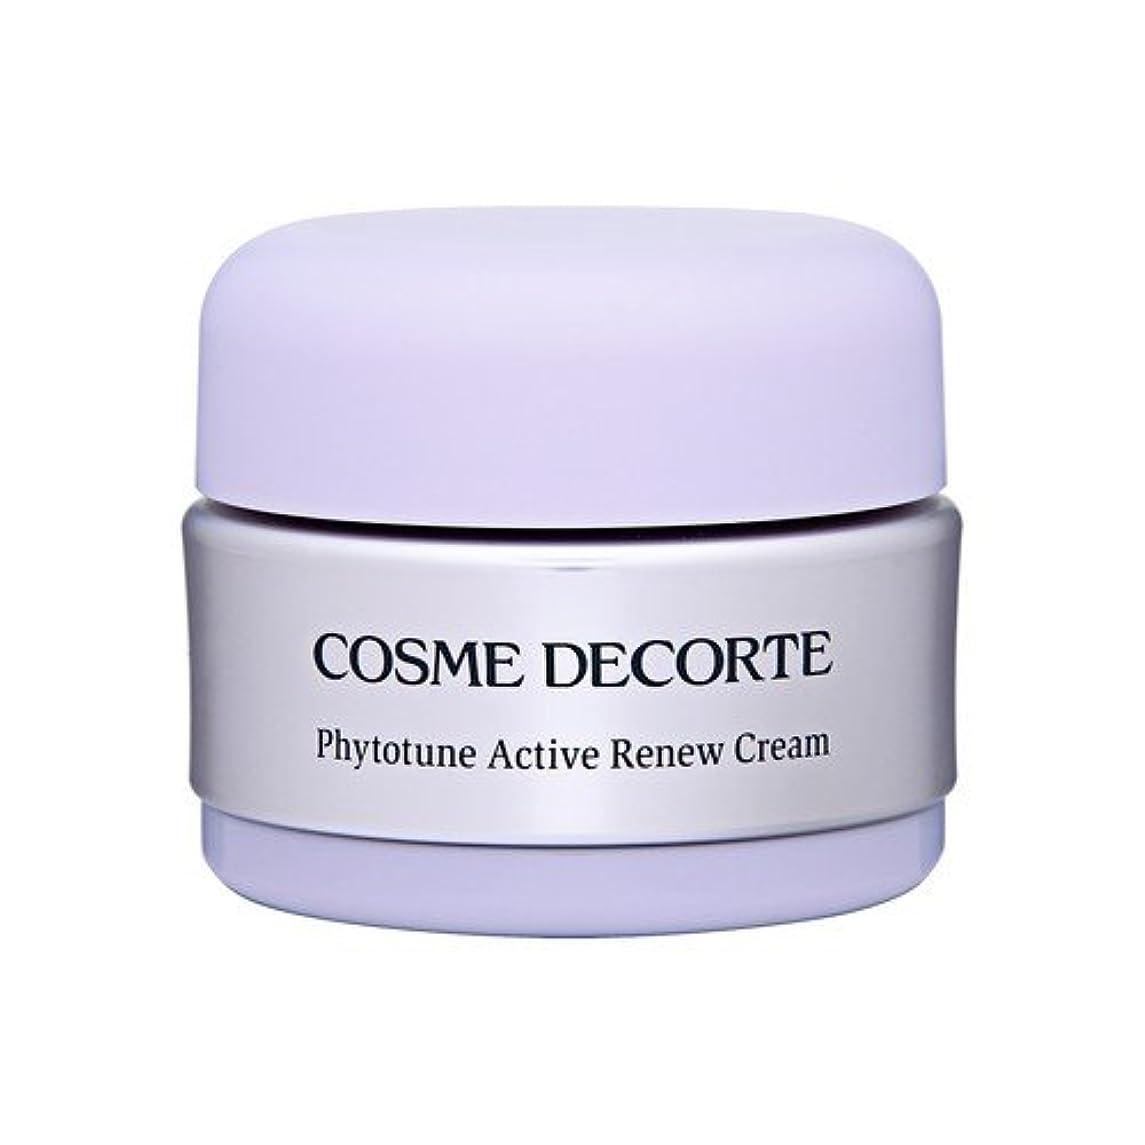 重力必要ない観点コスメ デコルテ(COSME DECORTE) フィトチューンアクティブリニュークリーム 30g [364491][並行輸入品]